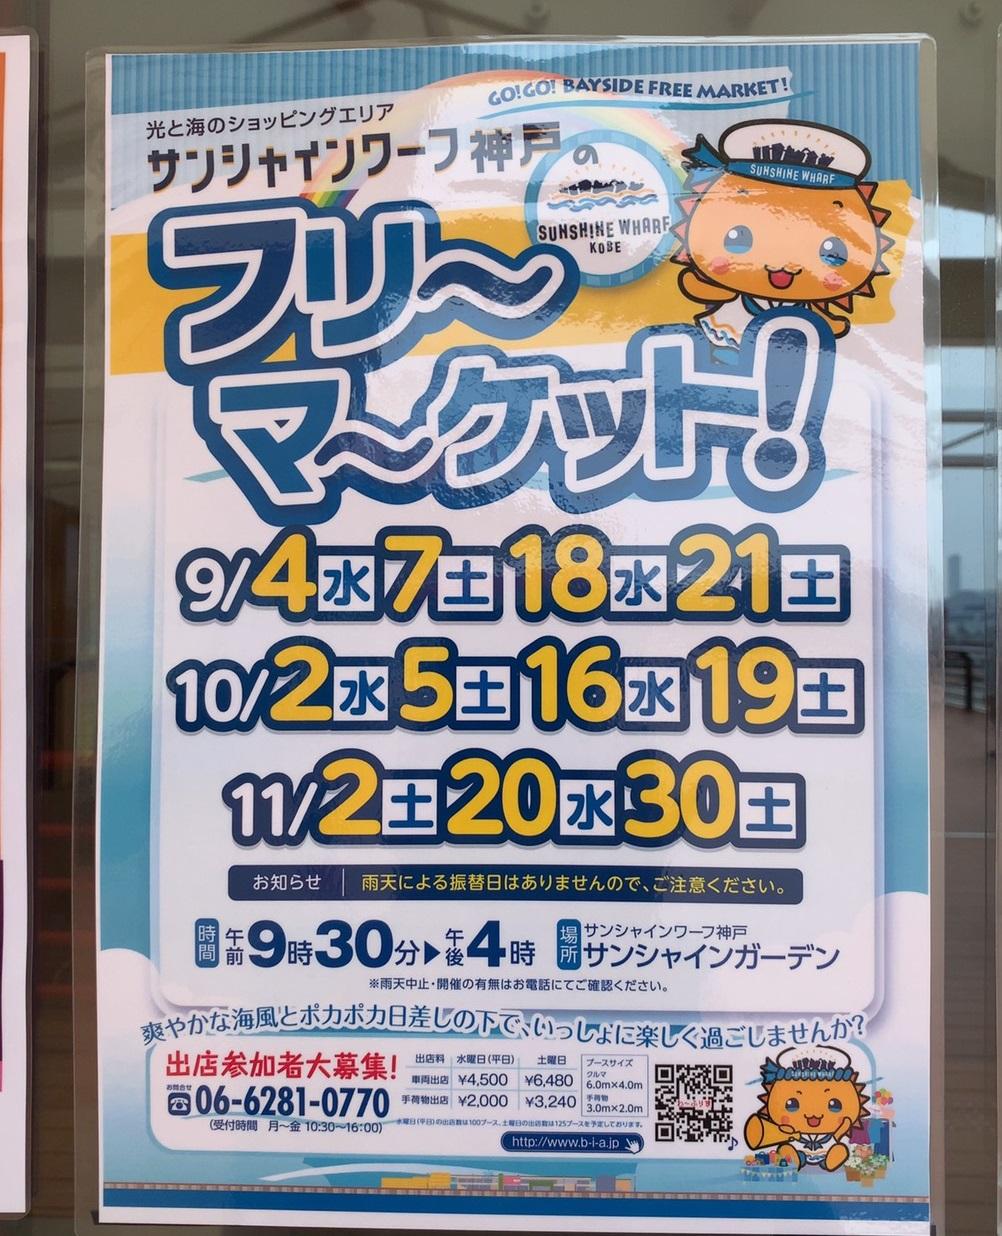 フリーマーケット・サンシャインワーフ神戸